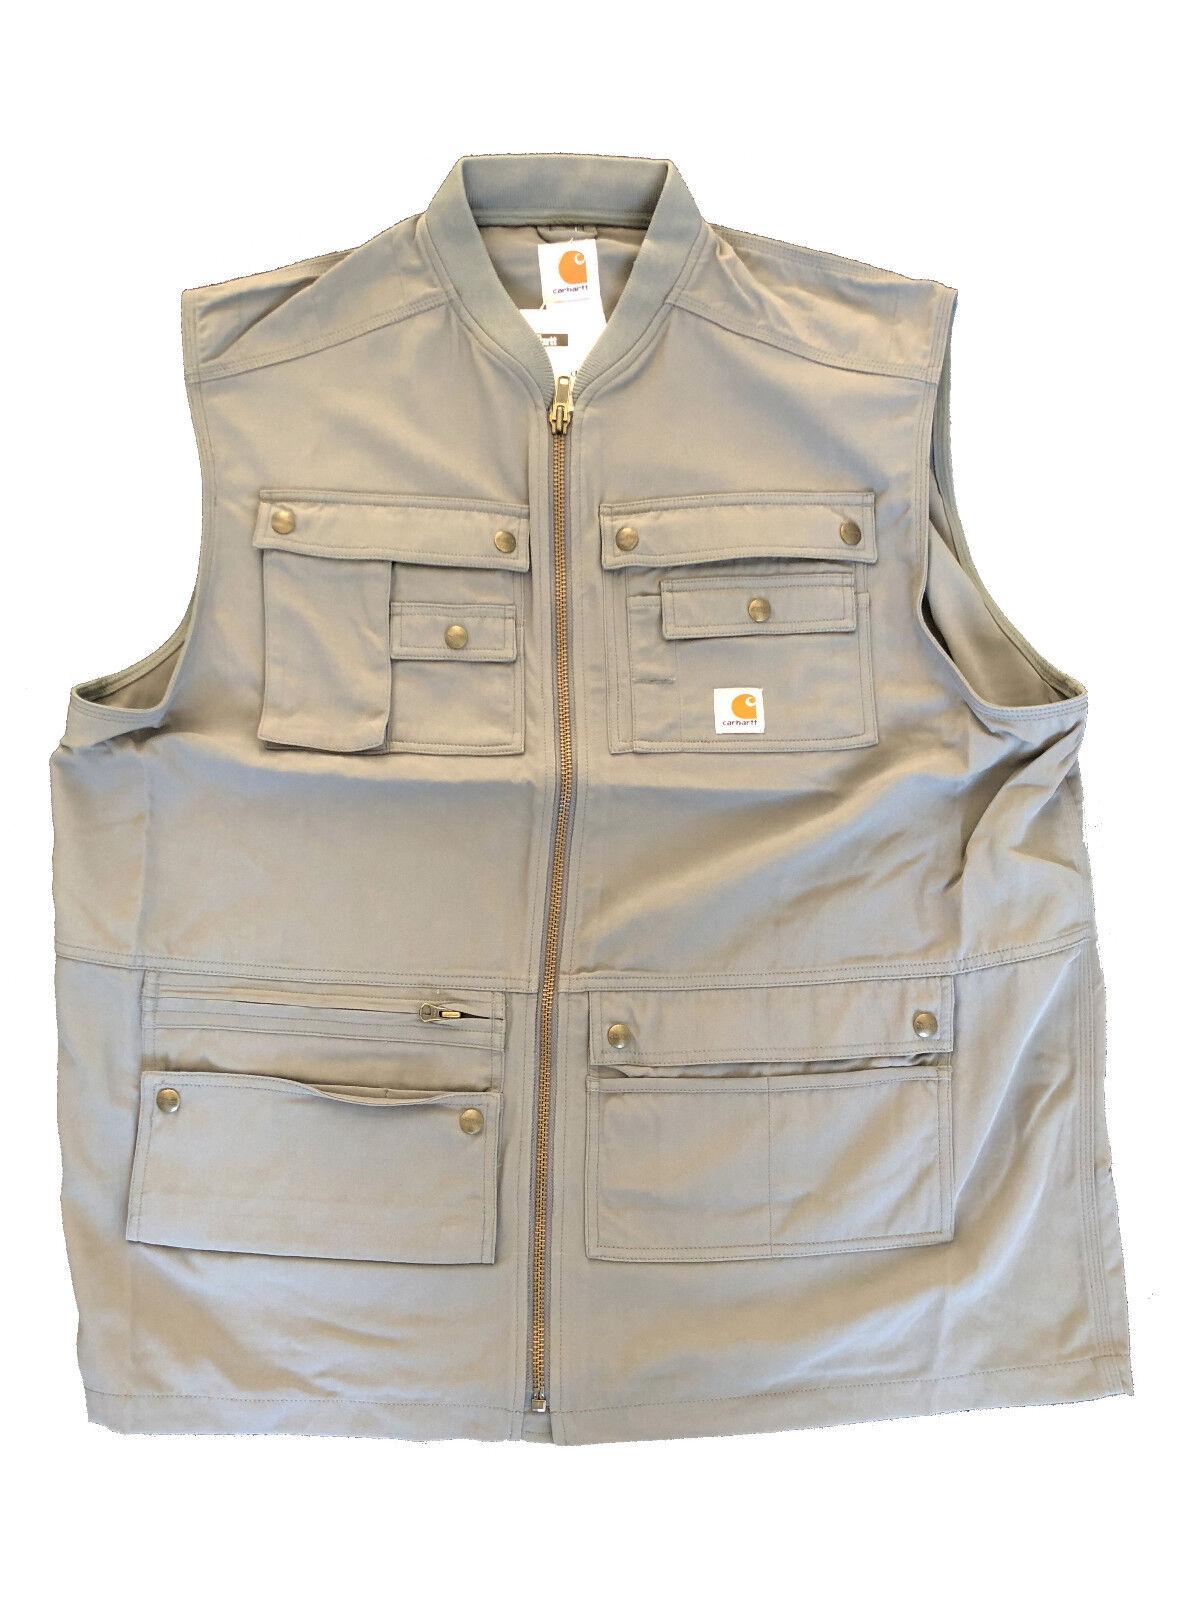 Carhartt Regular Tech Vest Outdoor Herren Arbeitsweste Weste mit 18 Taschen grau